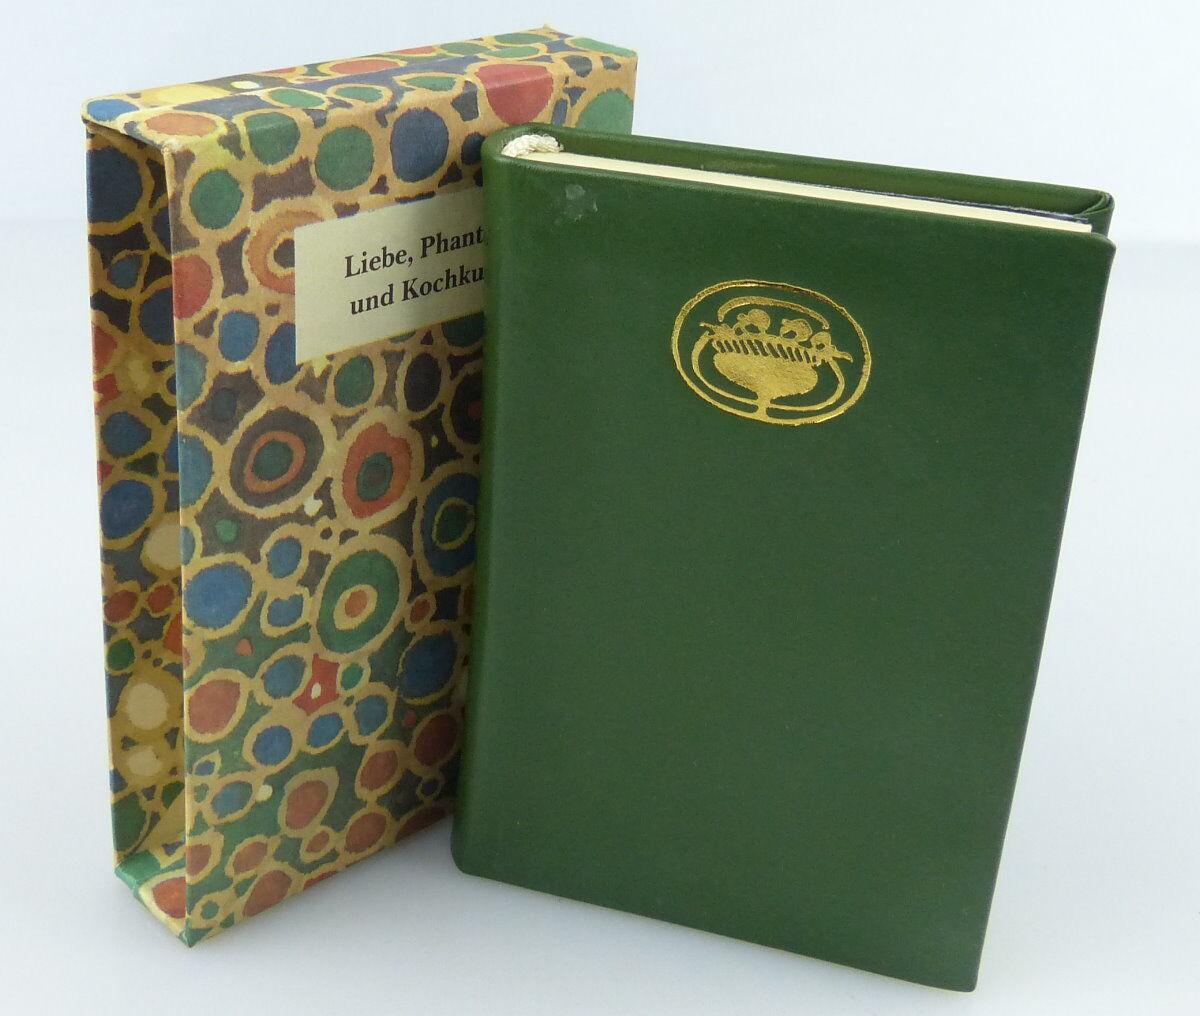 Minibuch : Liebe,Phantasie und Kochkunst, Berliner Verlag 1986 / r145